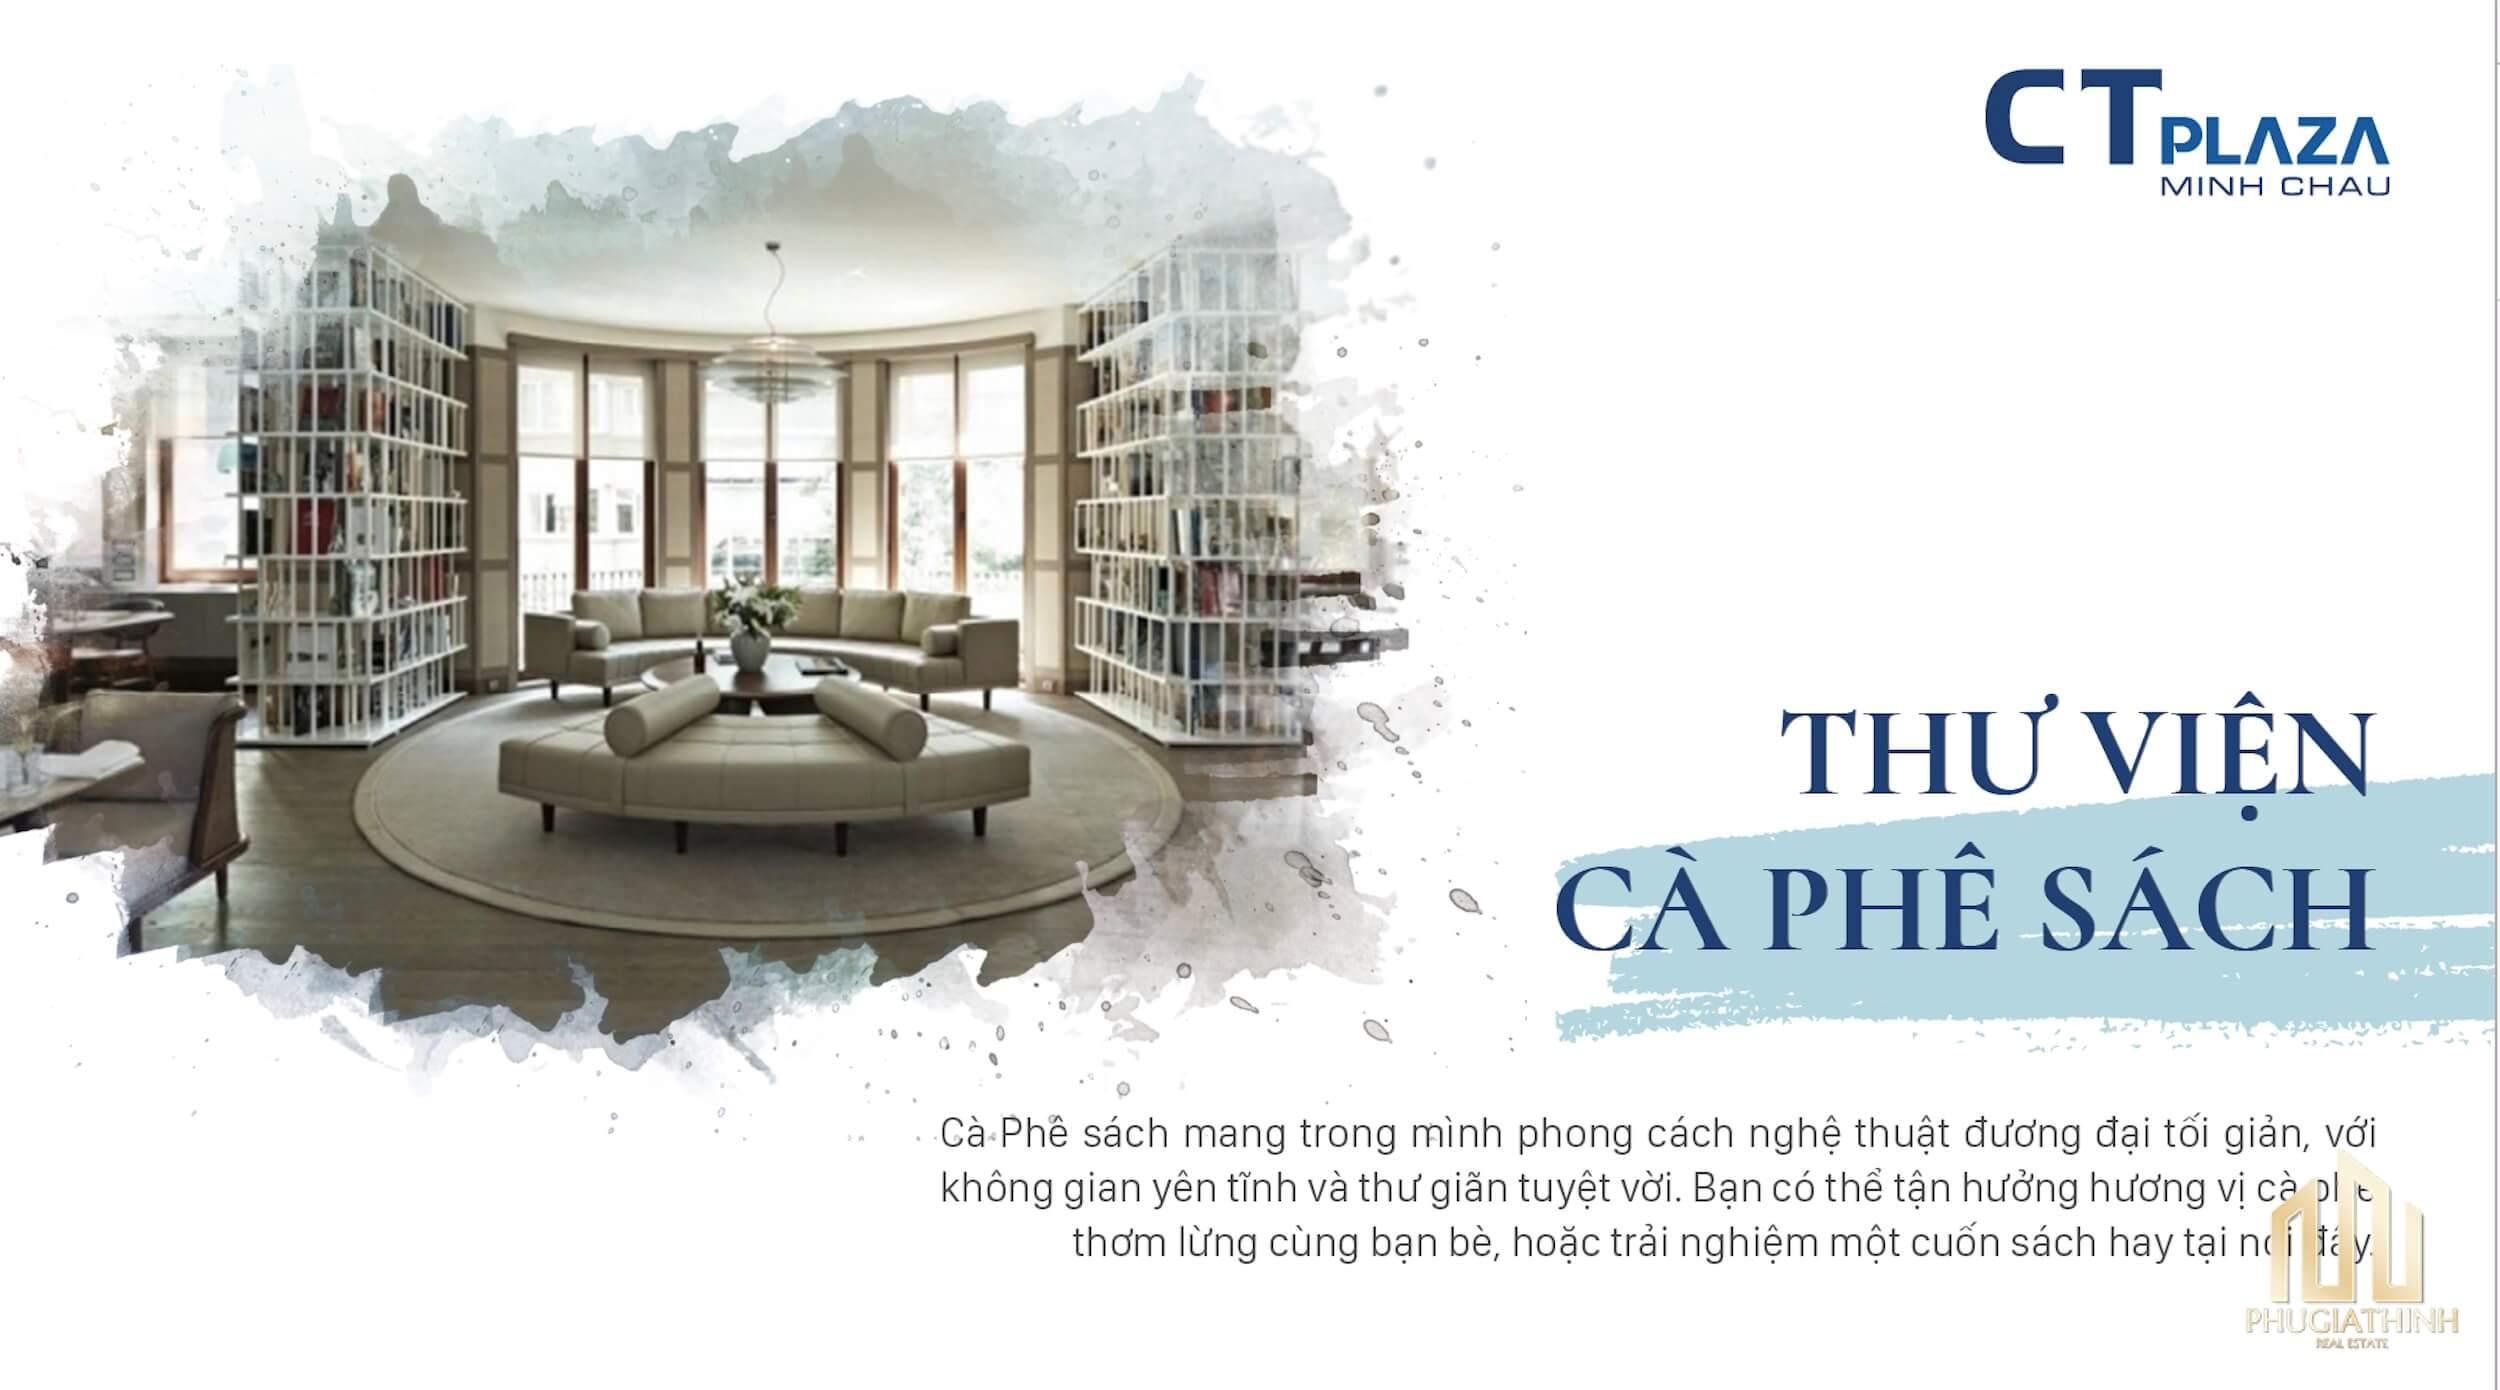 Tiện ích dự án CT Plaza Minh Châu